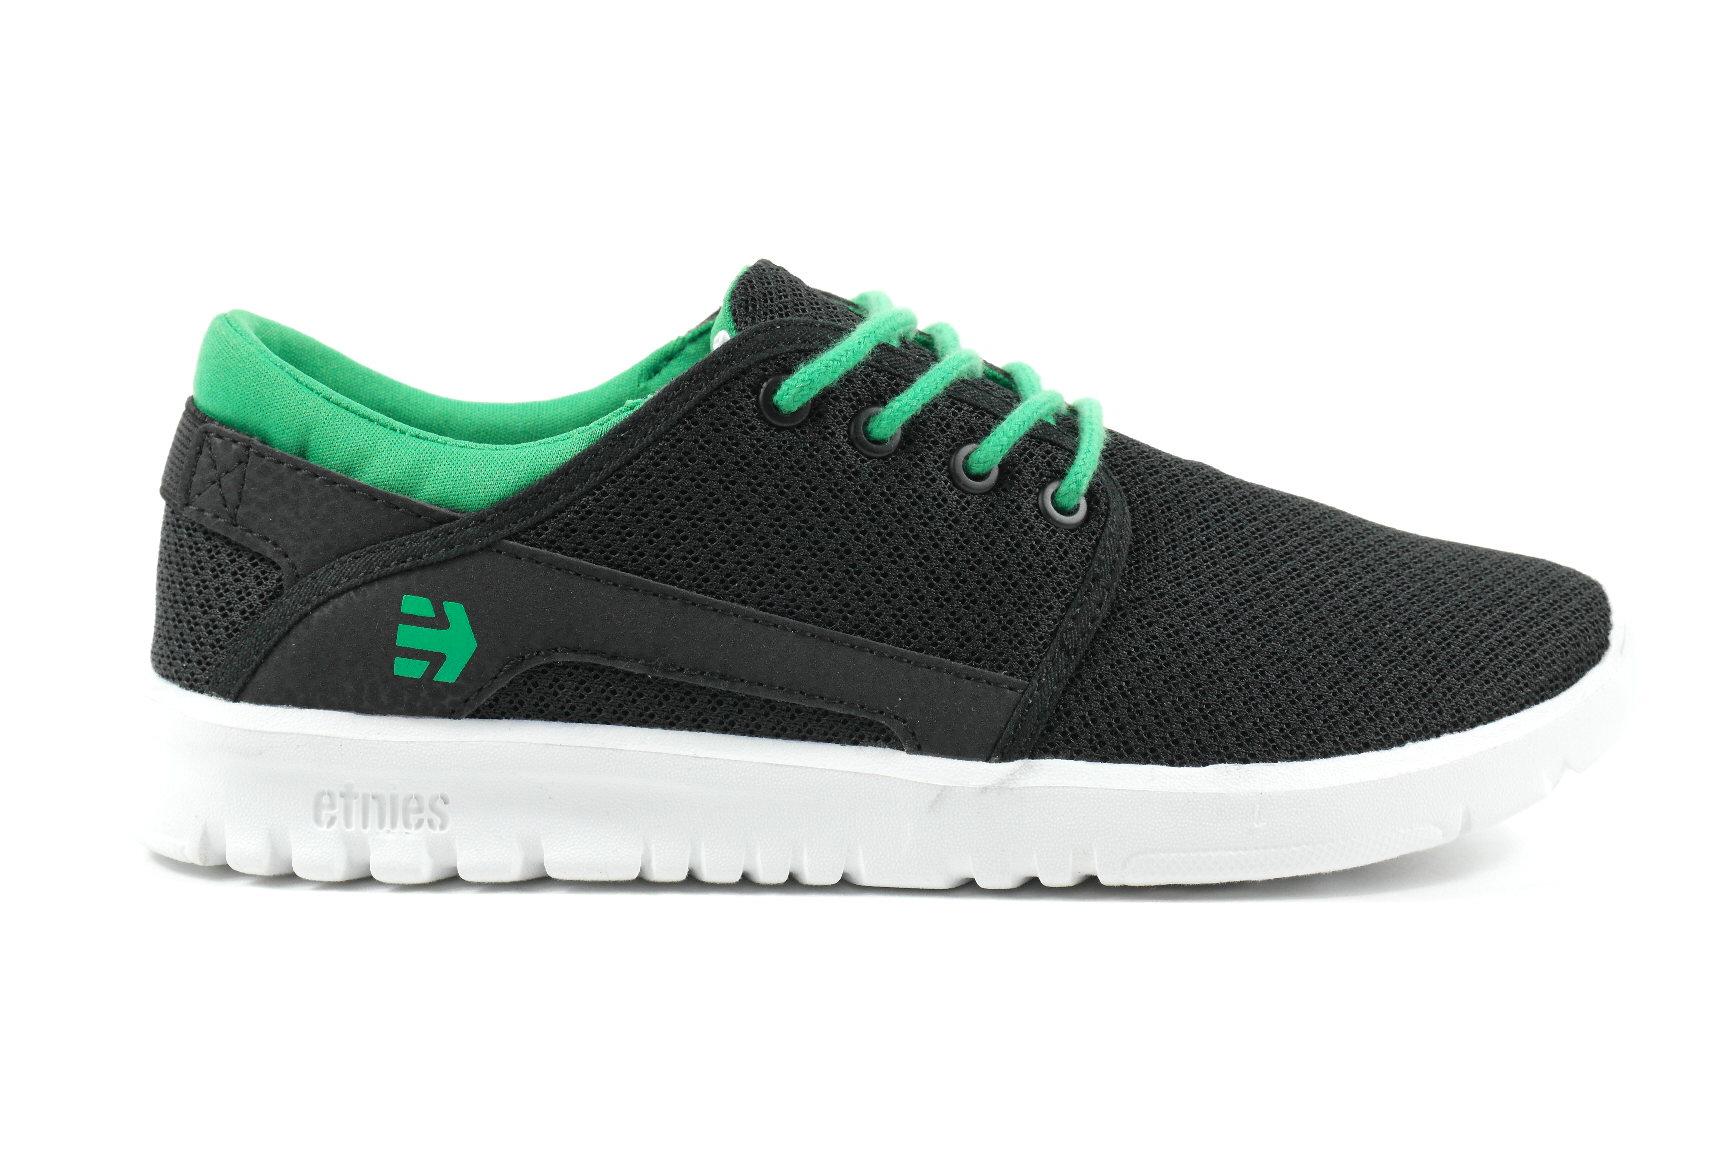 Afbeelding van Etnies Marana Black Green Jongens sneakers ZWART